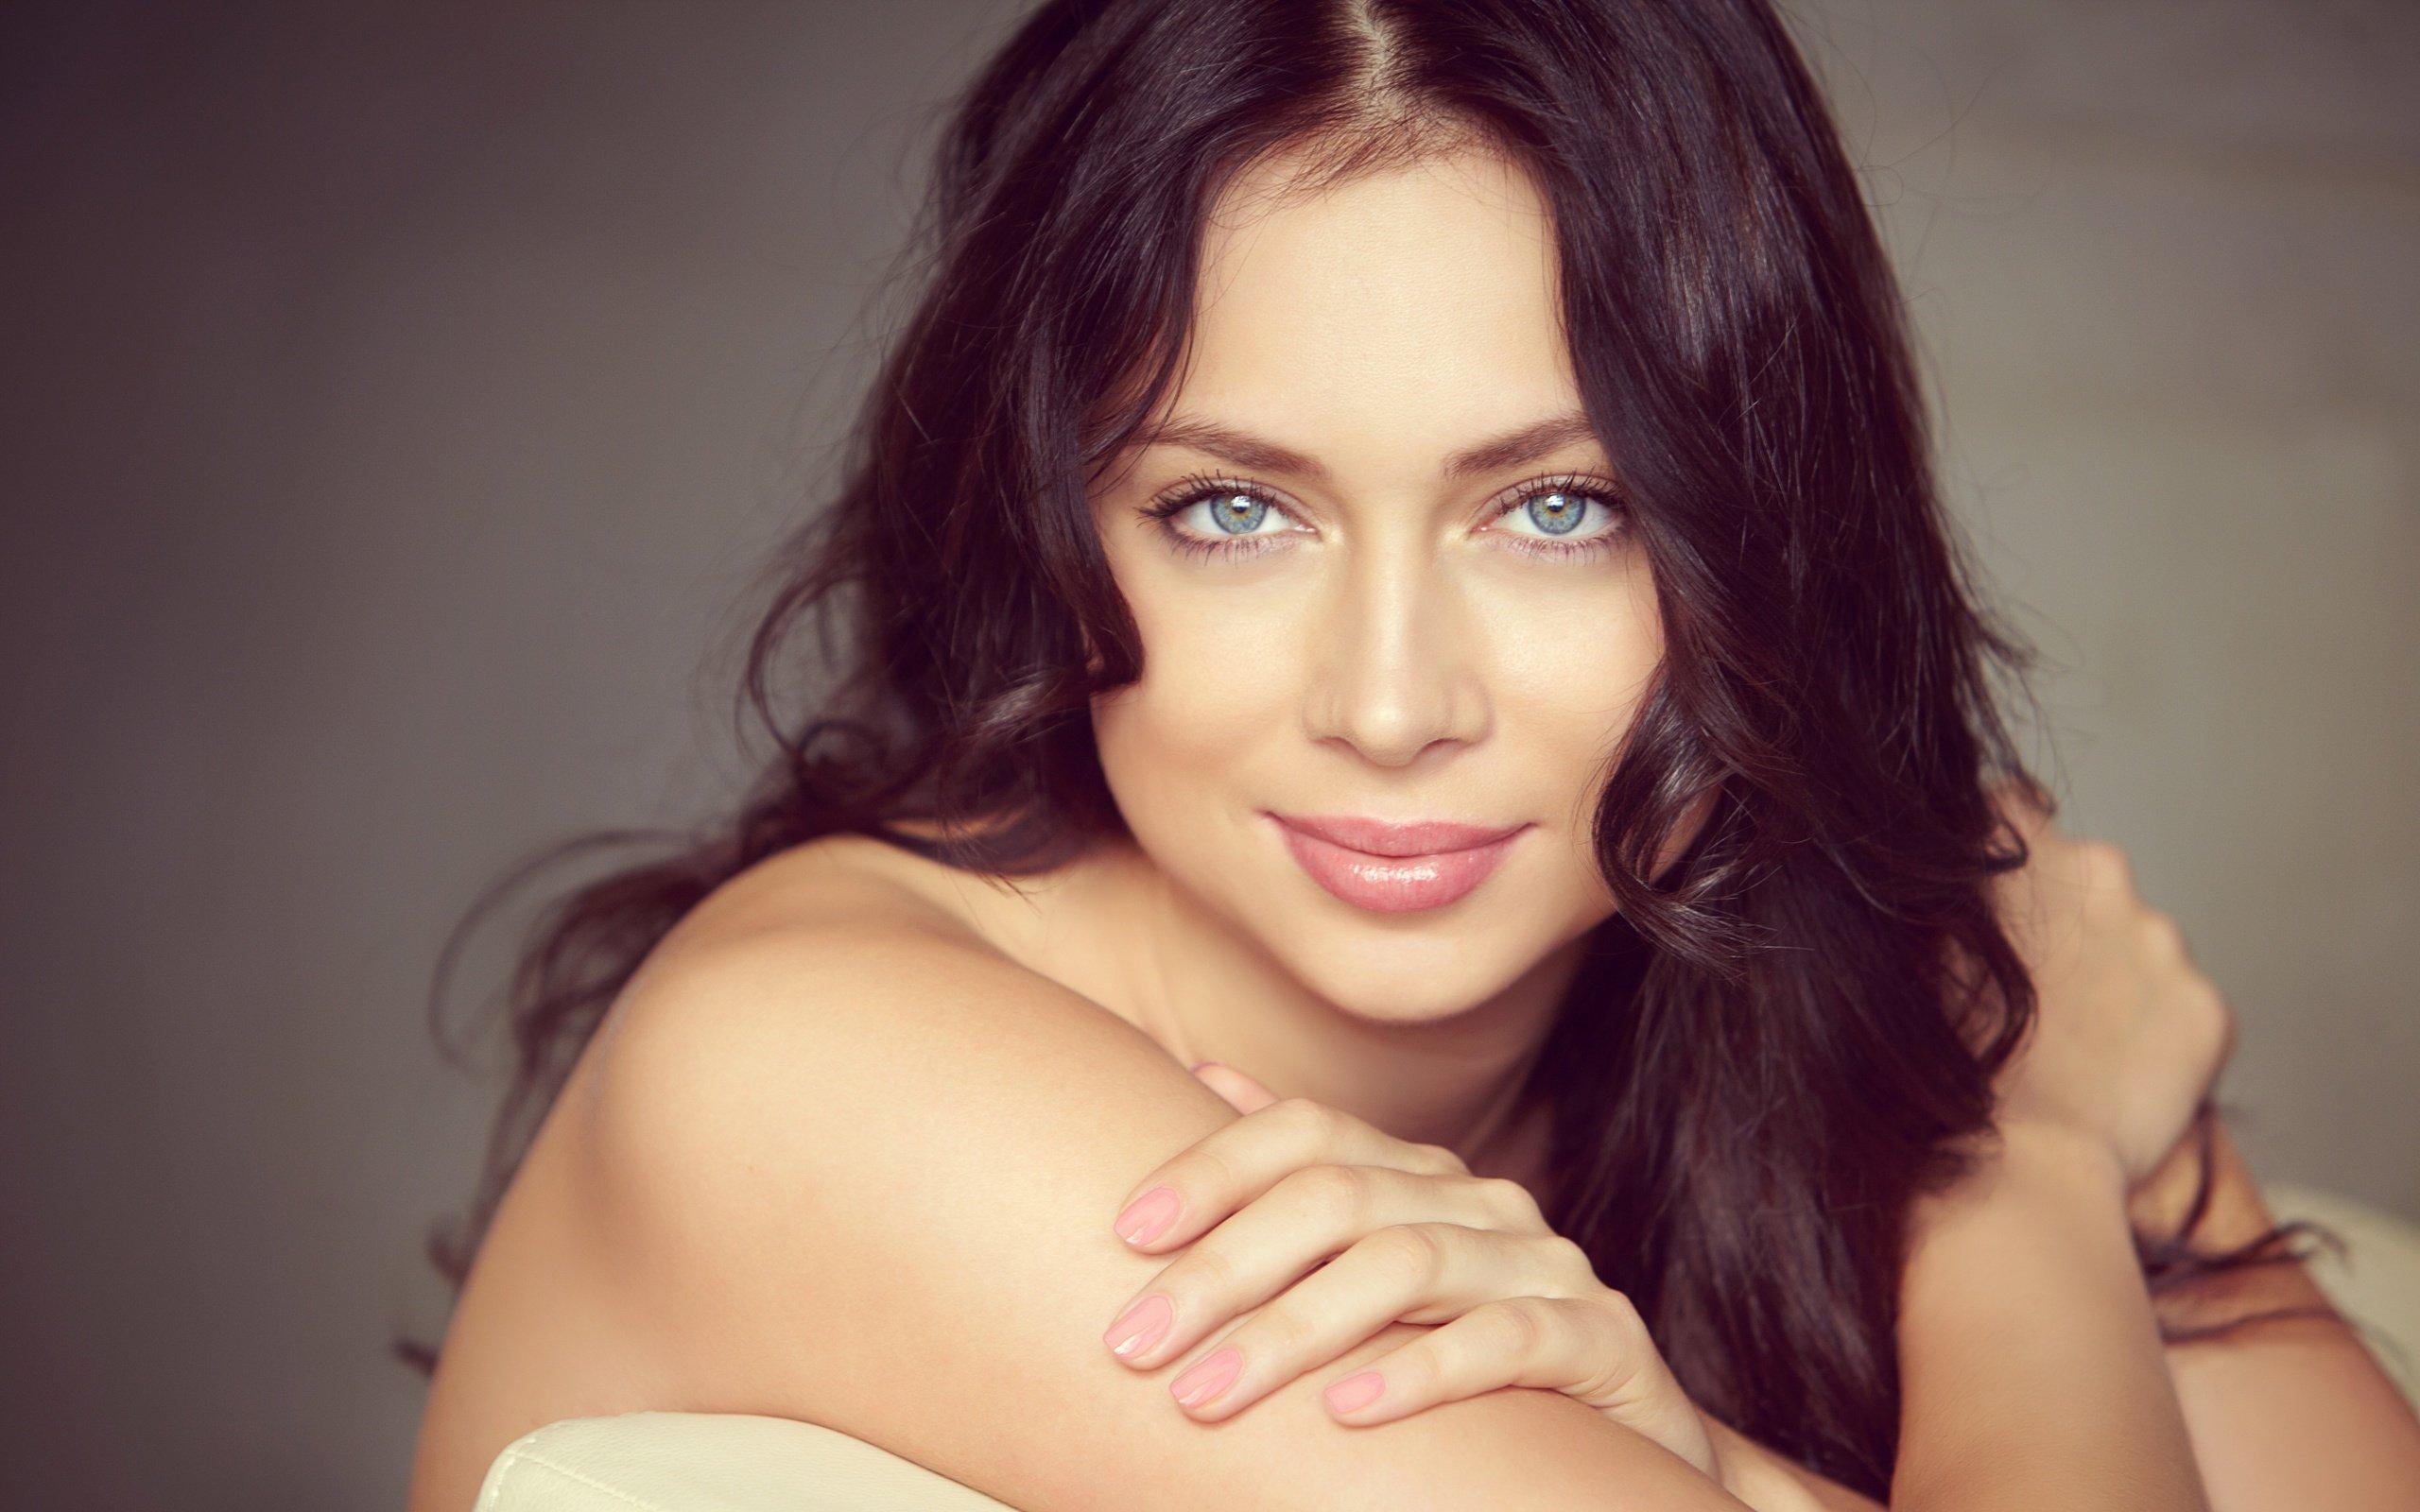 Знаменитые российские девушки